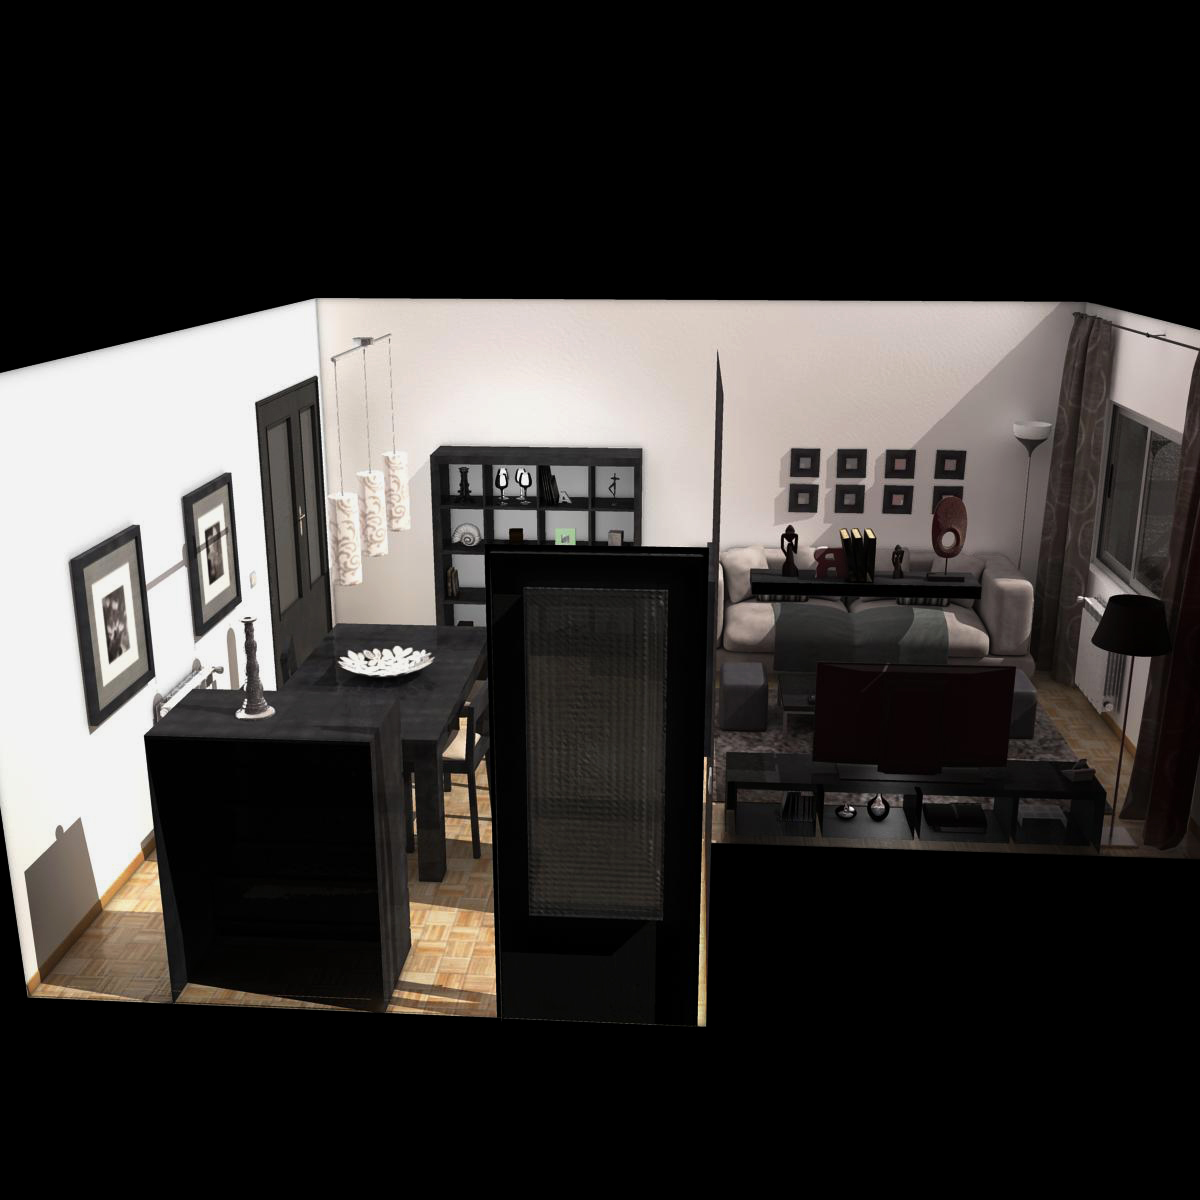 dzīvojamā istaba 3d modelis 3ds max fbx c4d ma mb obj 159613